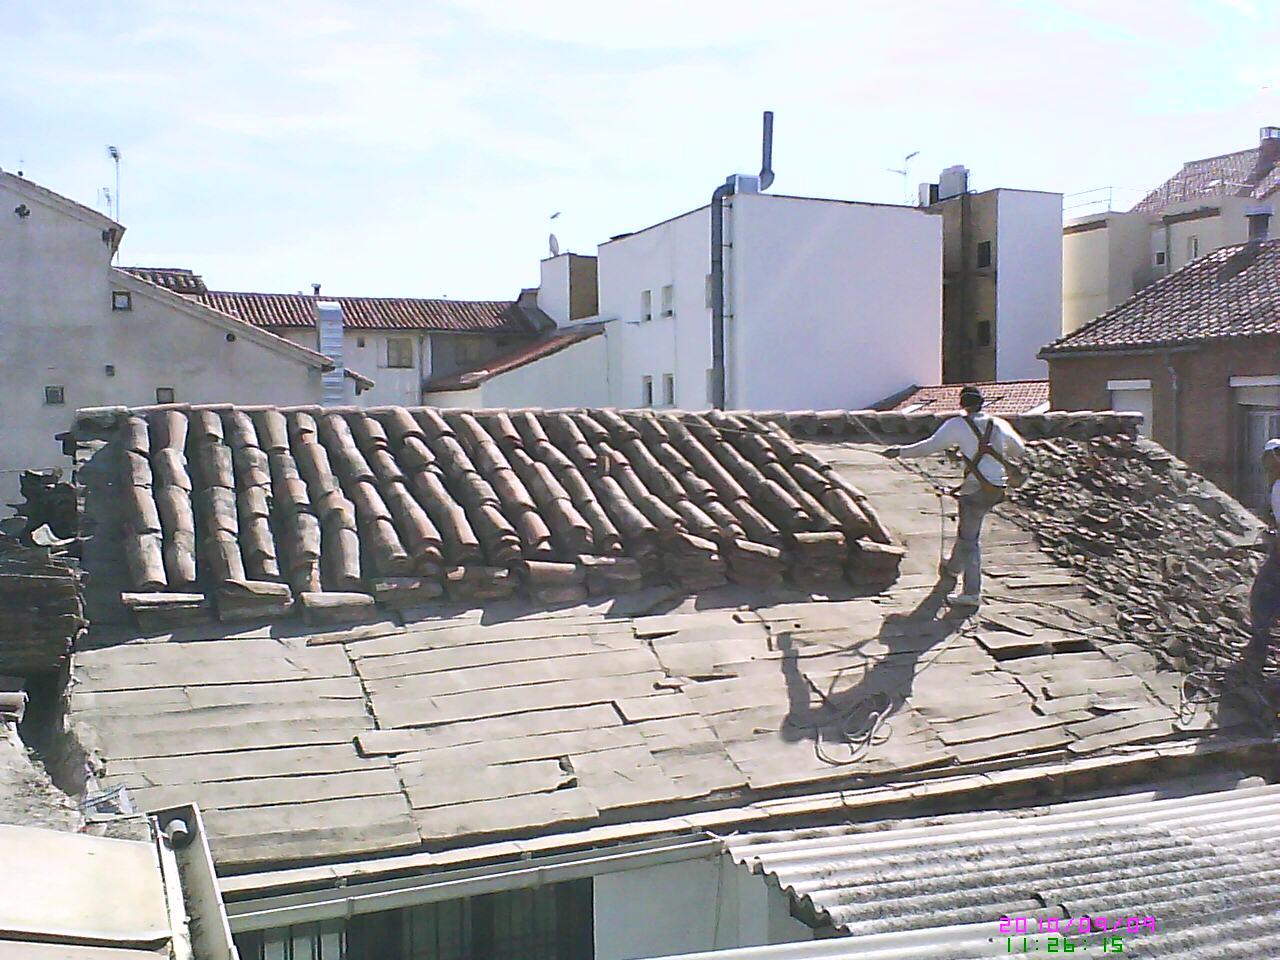 Fotos de reparaci n de tejado tejados y cubiertas naves - Cubiertas de tejados ...